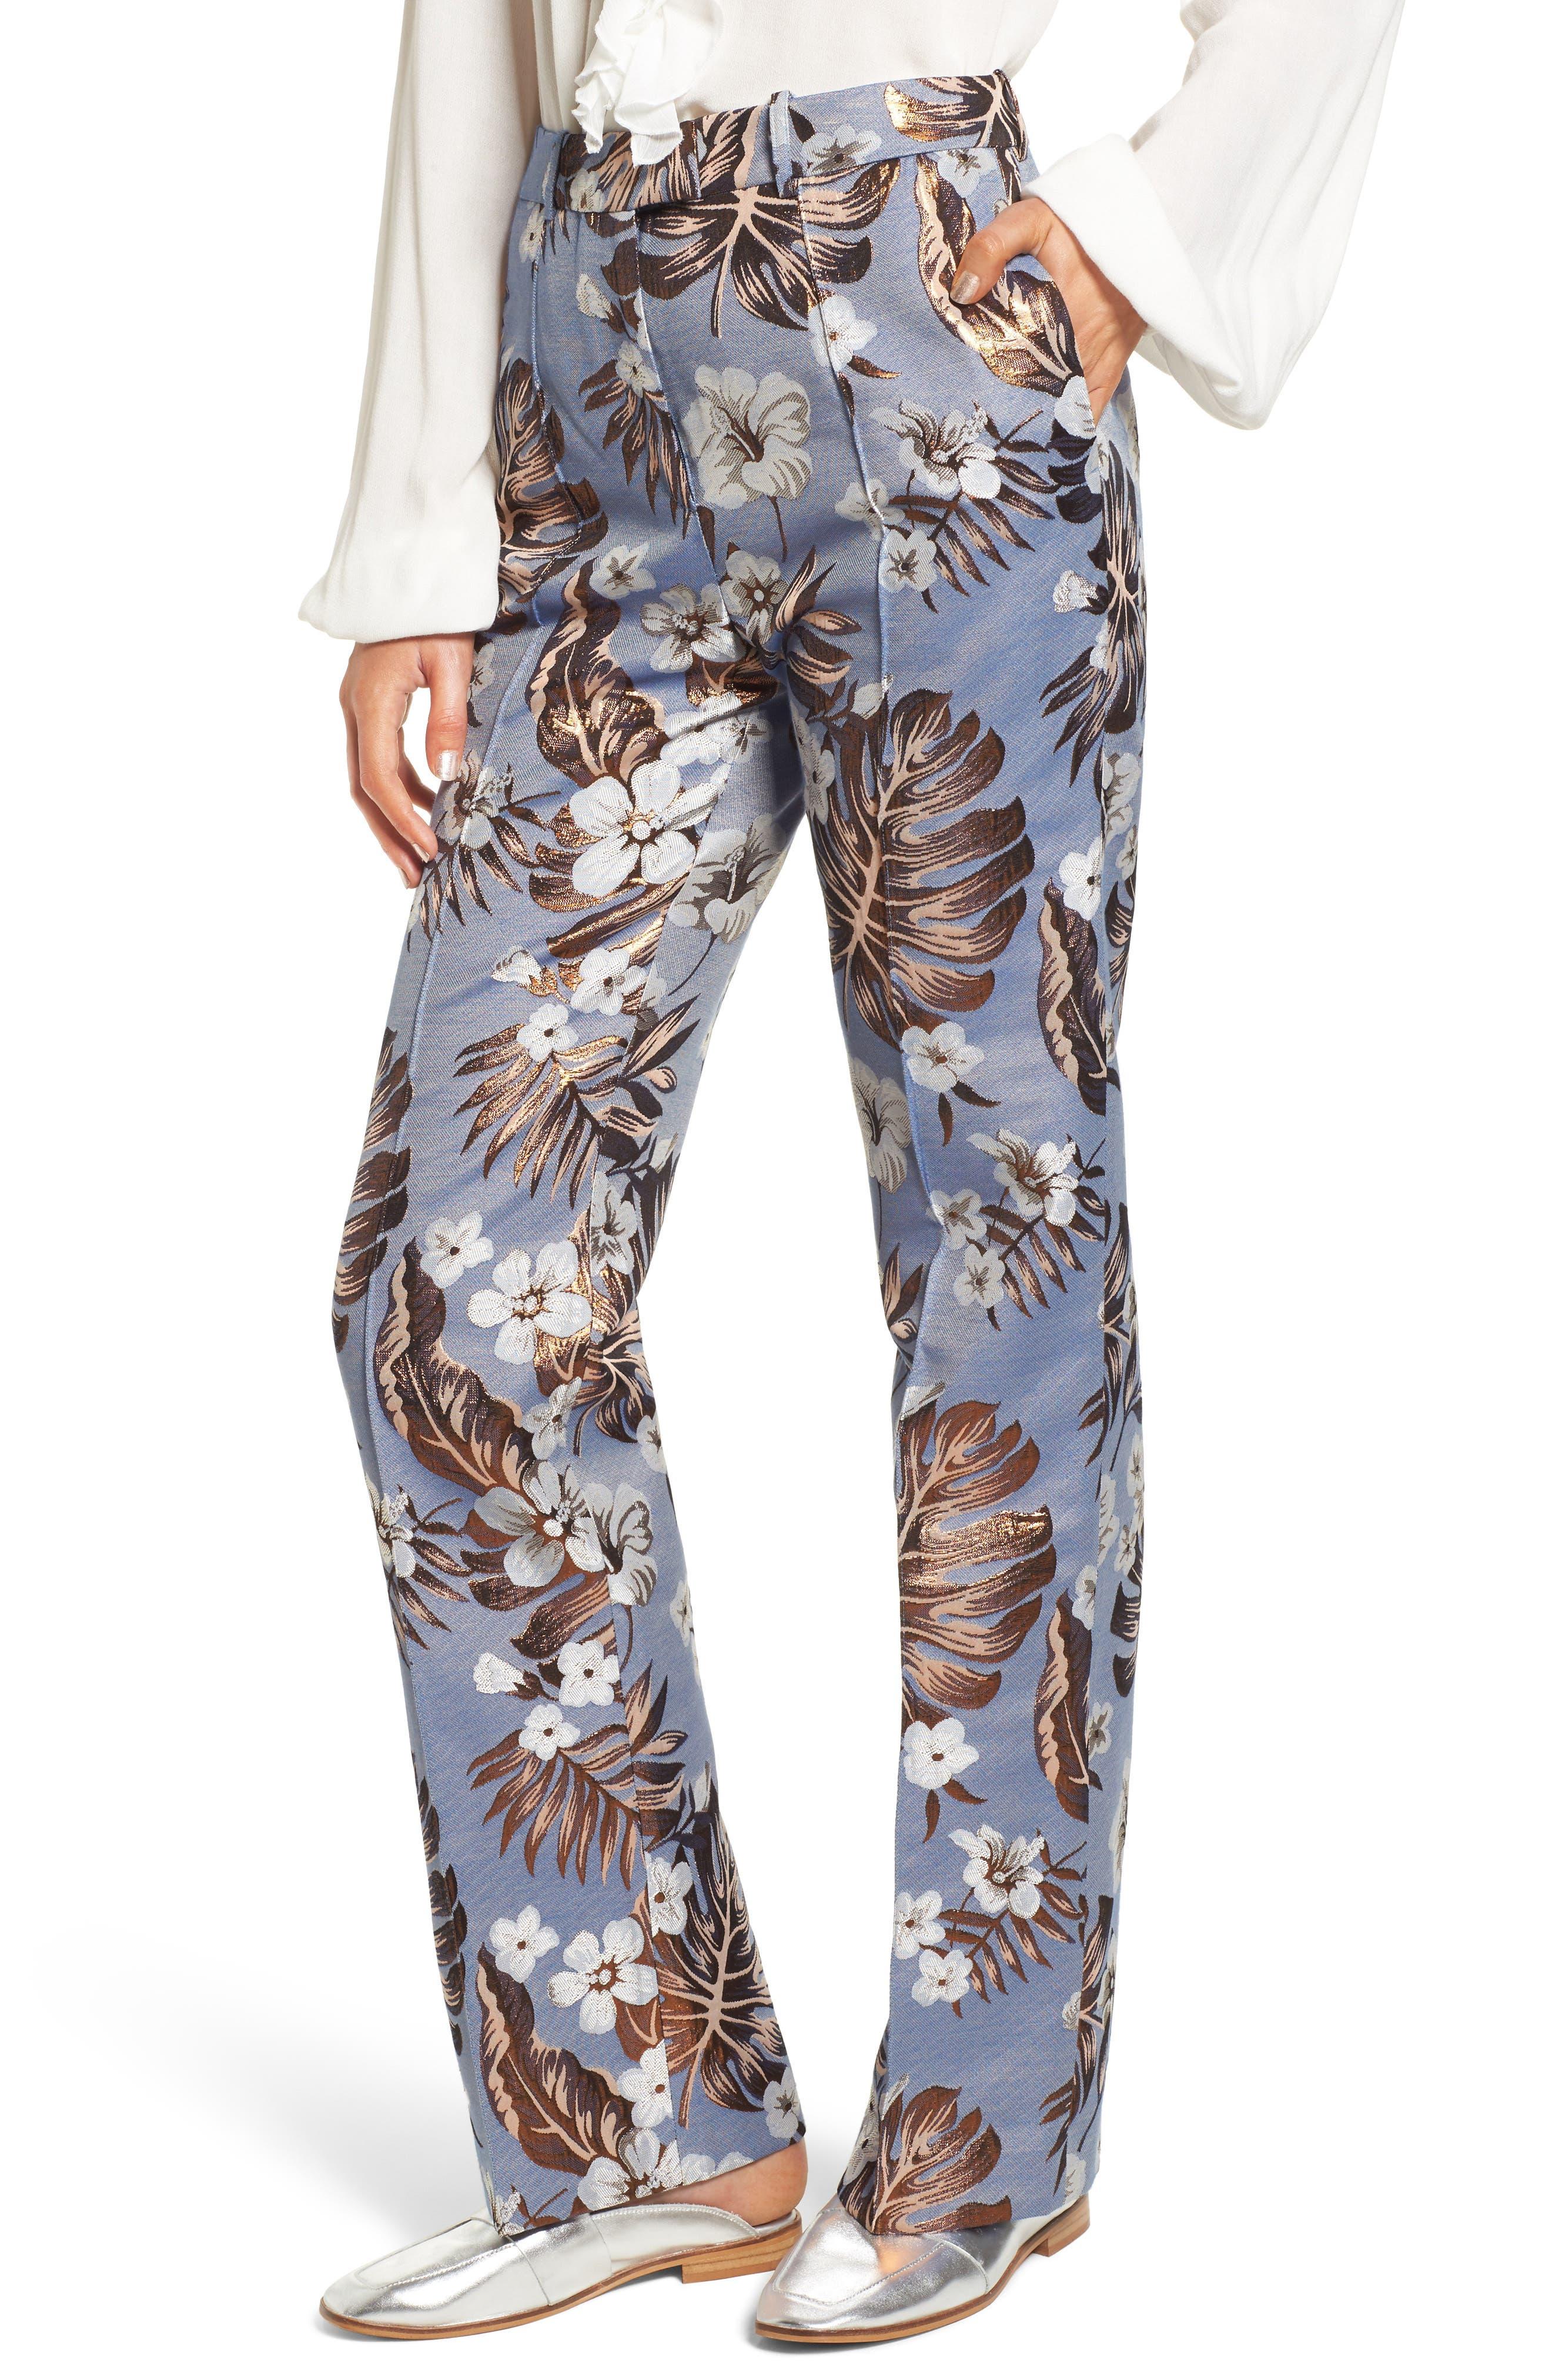 Picasso High Waist Pants,                         Main,                         color, Denim